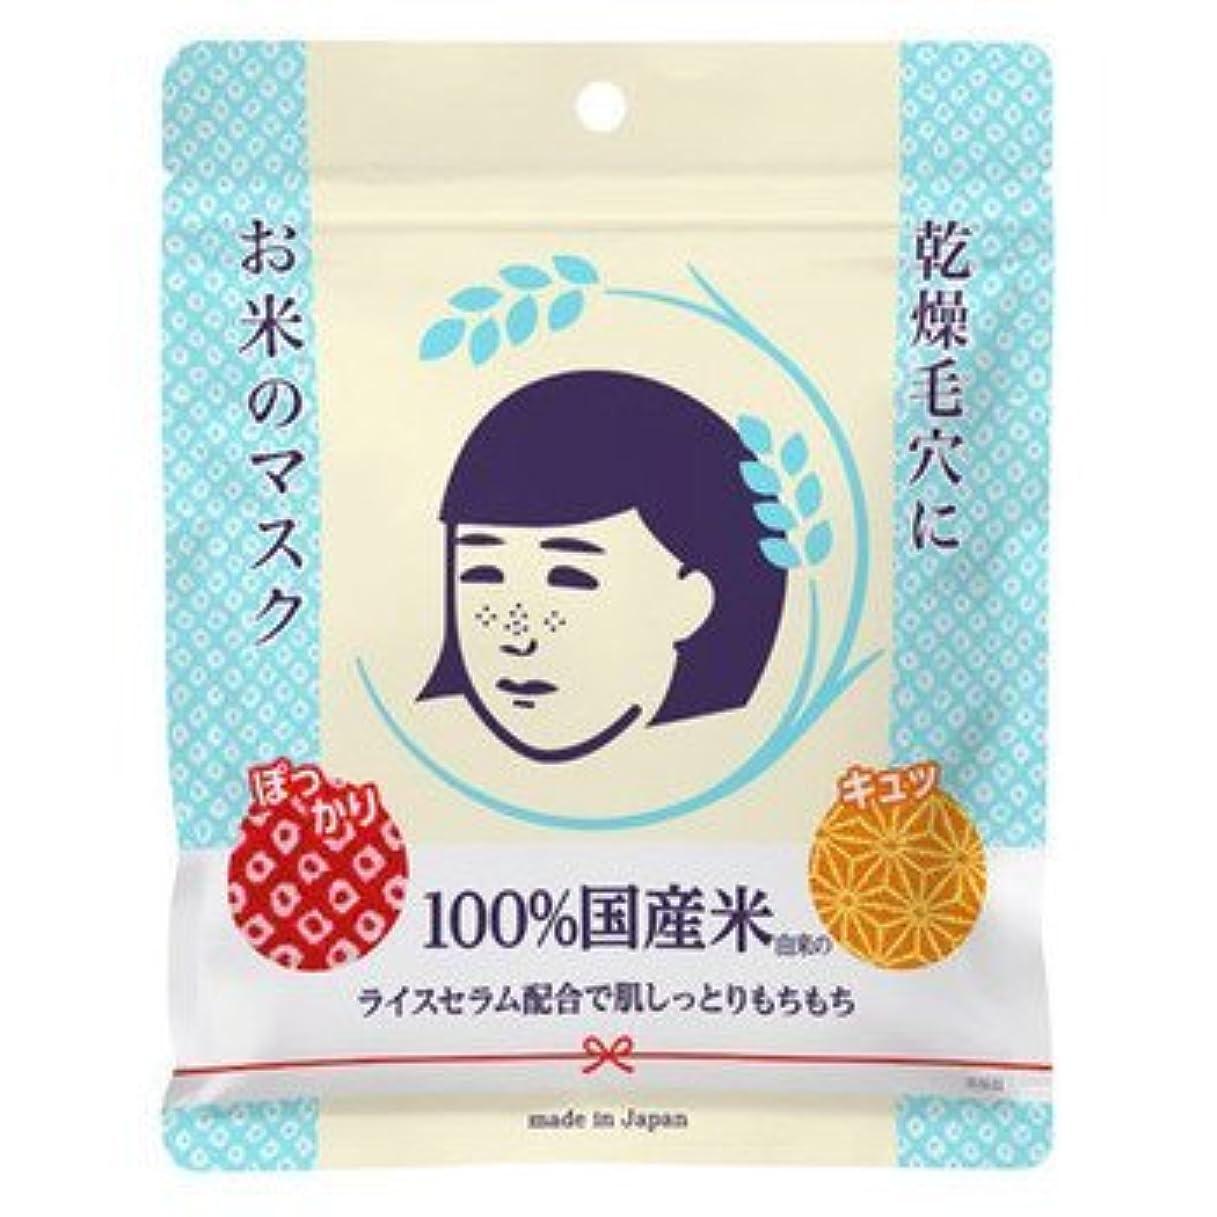 促す協力的練る毛穴撫子 お米のマスク 10枚入 6個入りセット